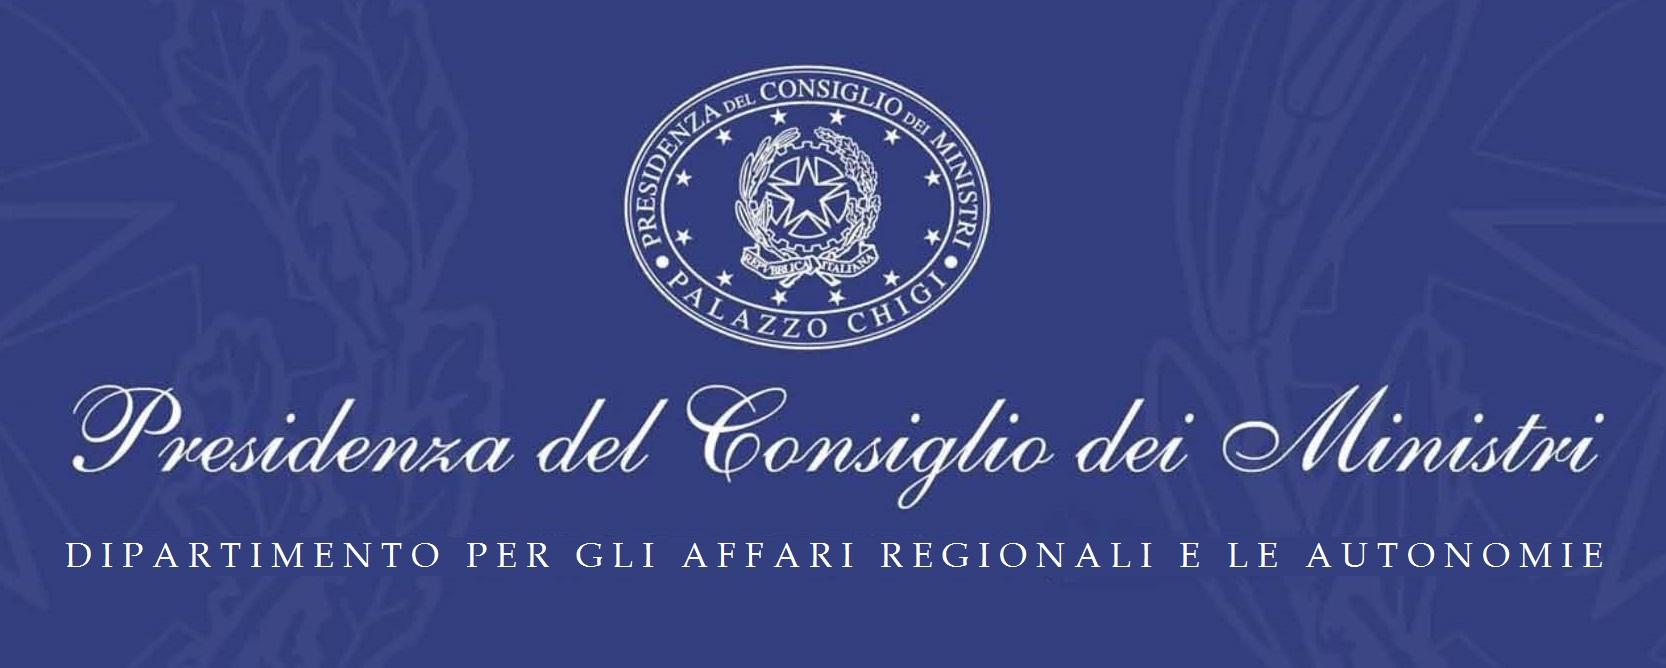 P.C.M. Dipartimento per gli affari regionali e le autonomie